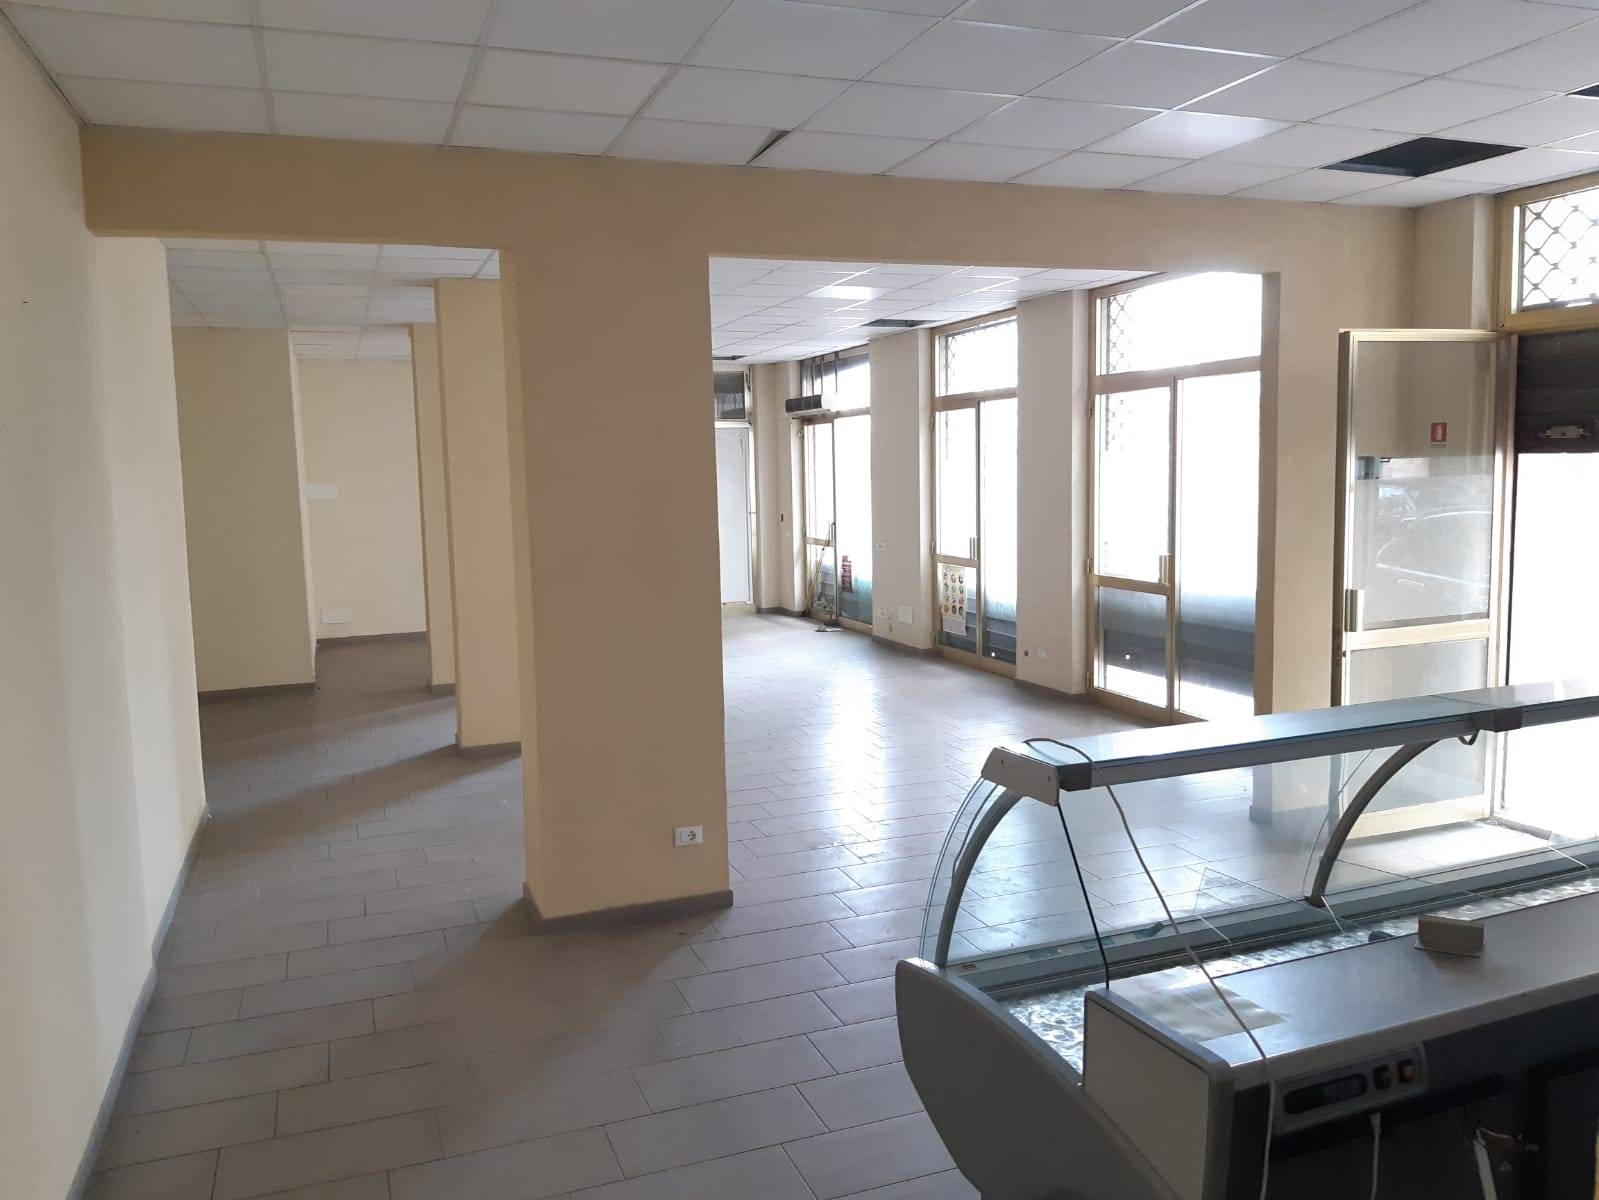 Negozio / Locale in affitto a Ceriale, 9999 locali, prezzo € 800 | CambioCasa.it